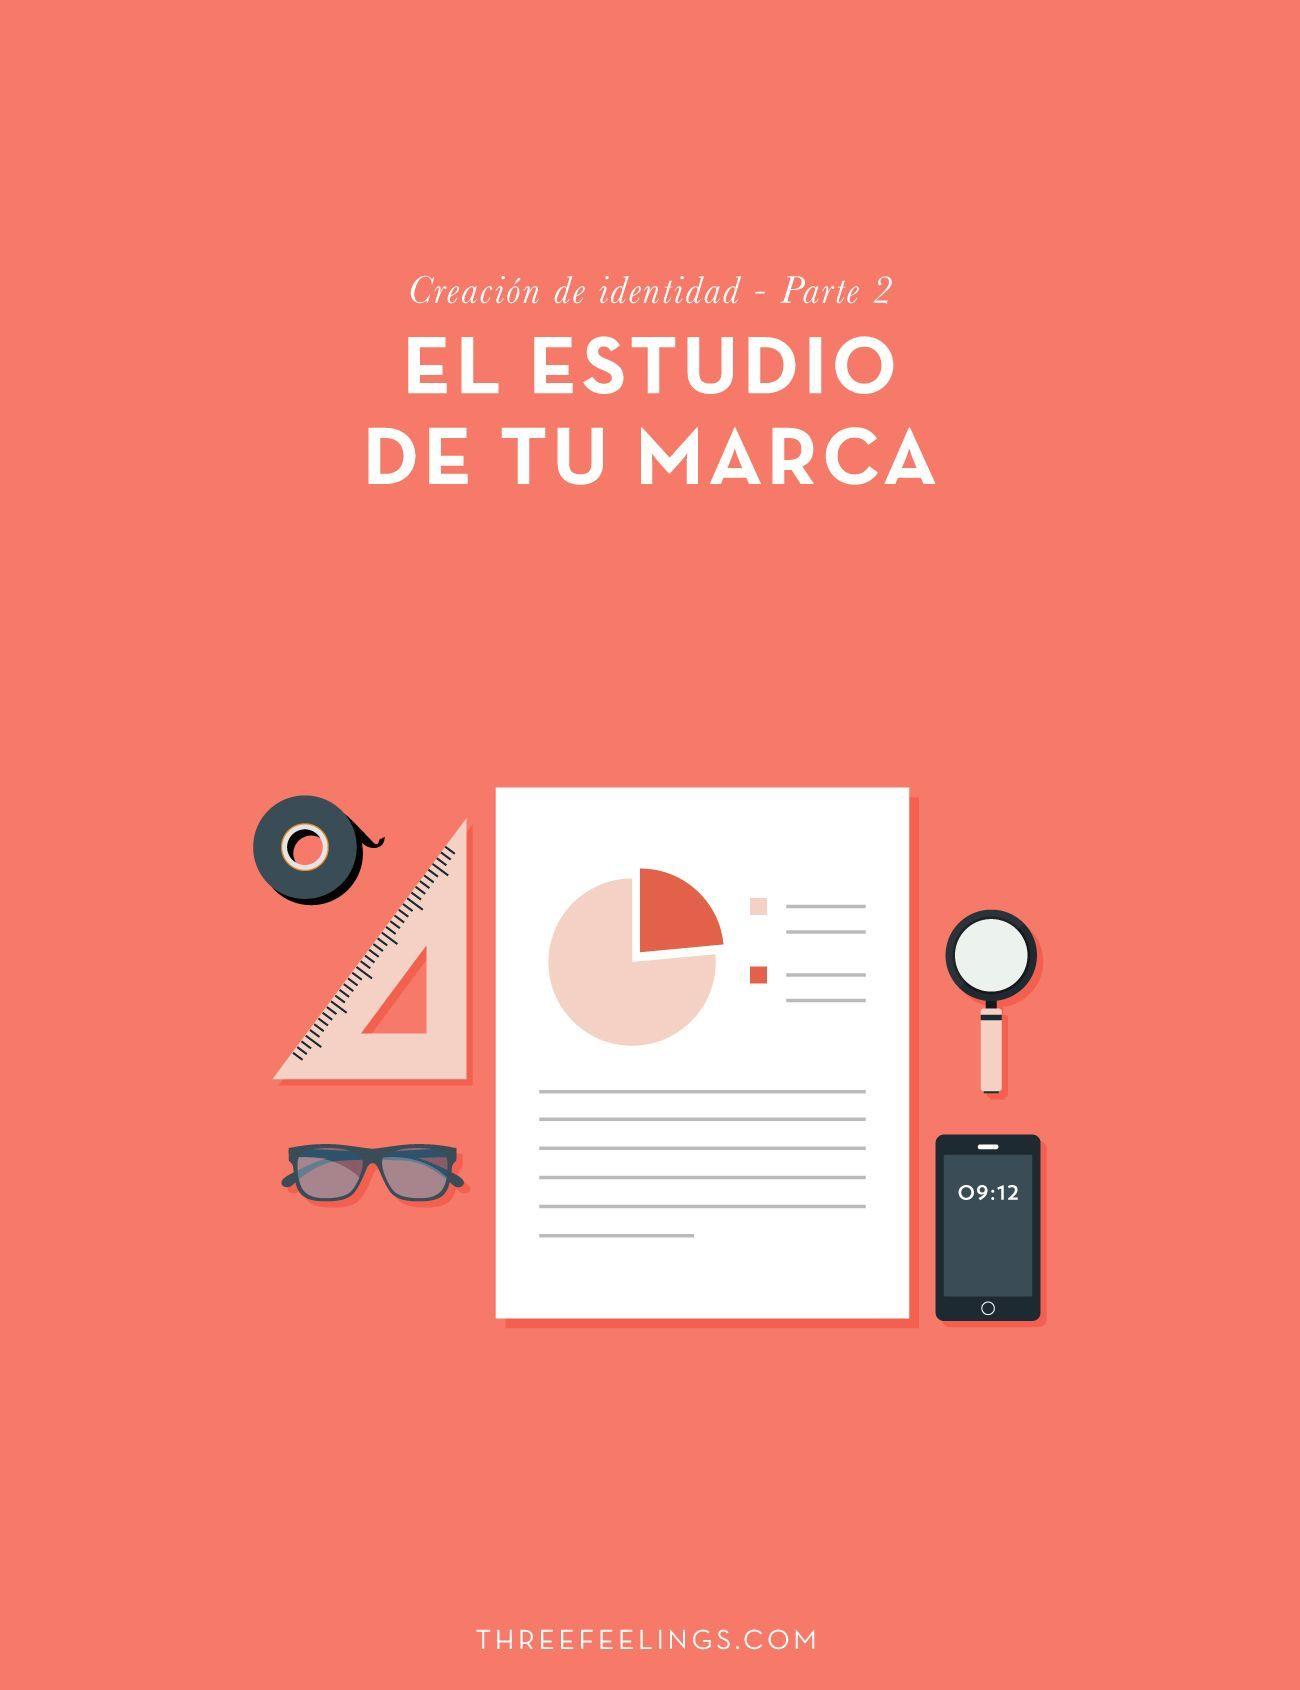 El estudio de tu marca | Identity | Pinterest | Marcas, Dispuesta y ...